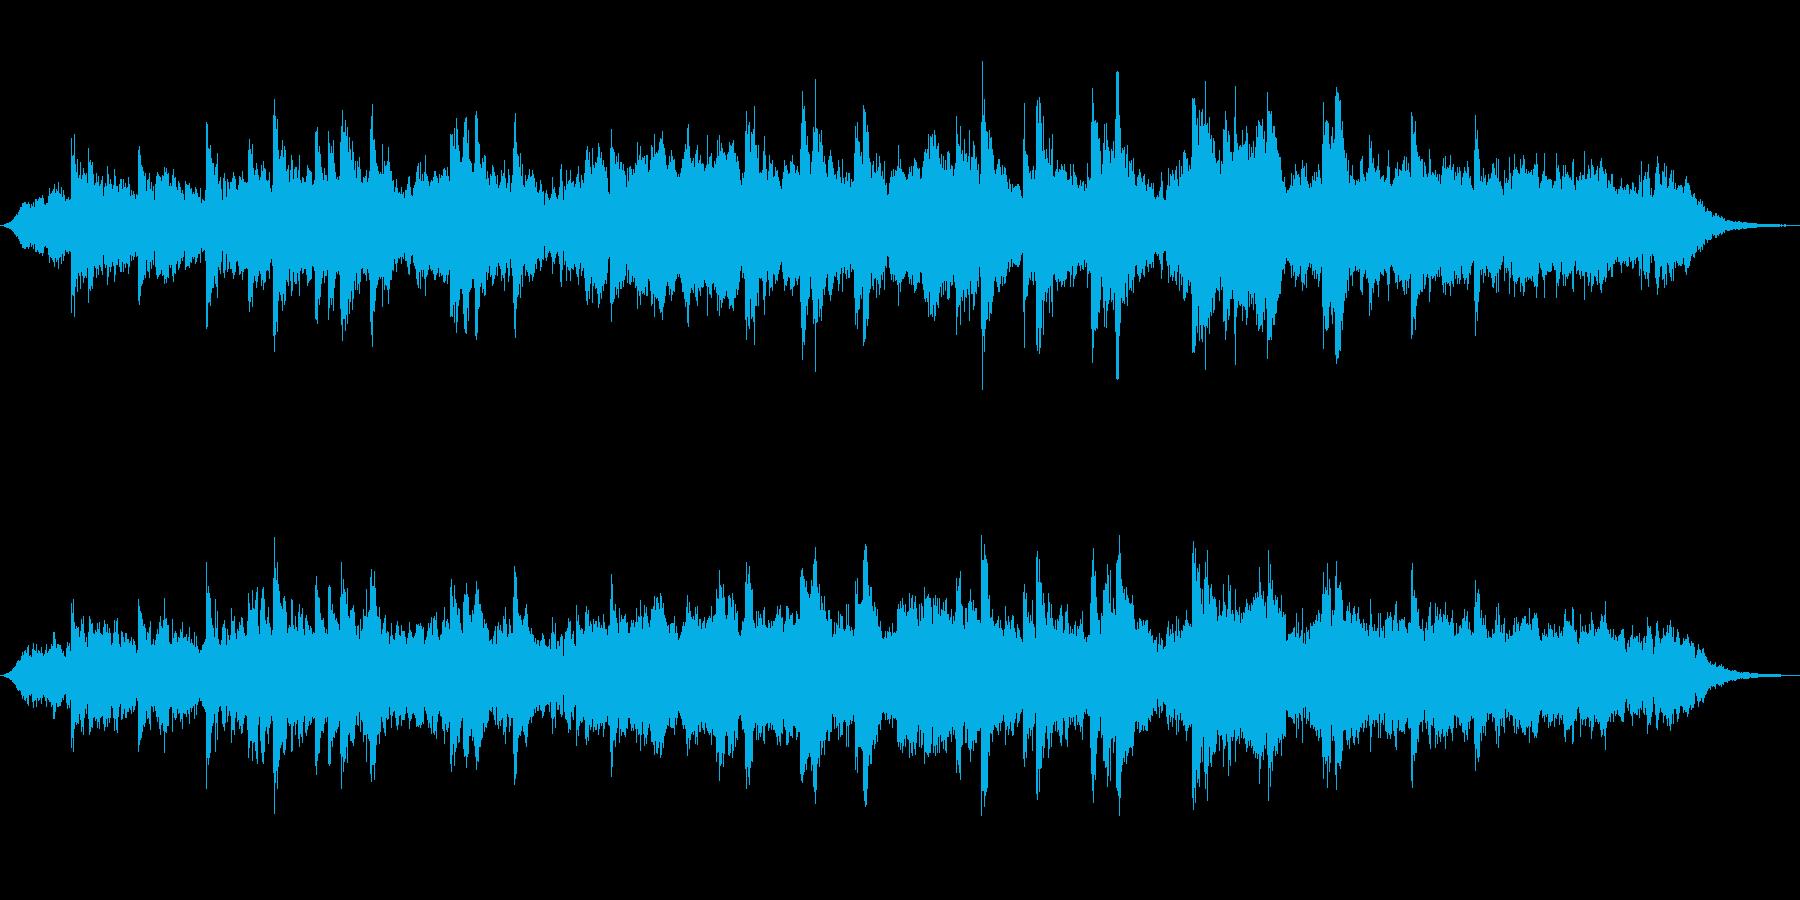 テクノ風ミニマルアンビエントジングルの再生済みの波形